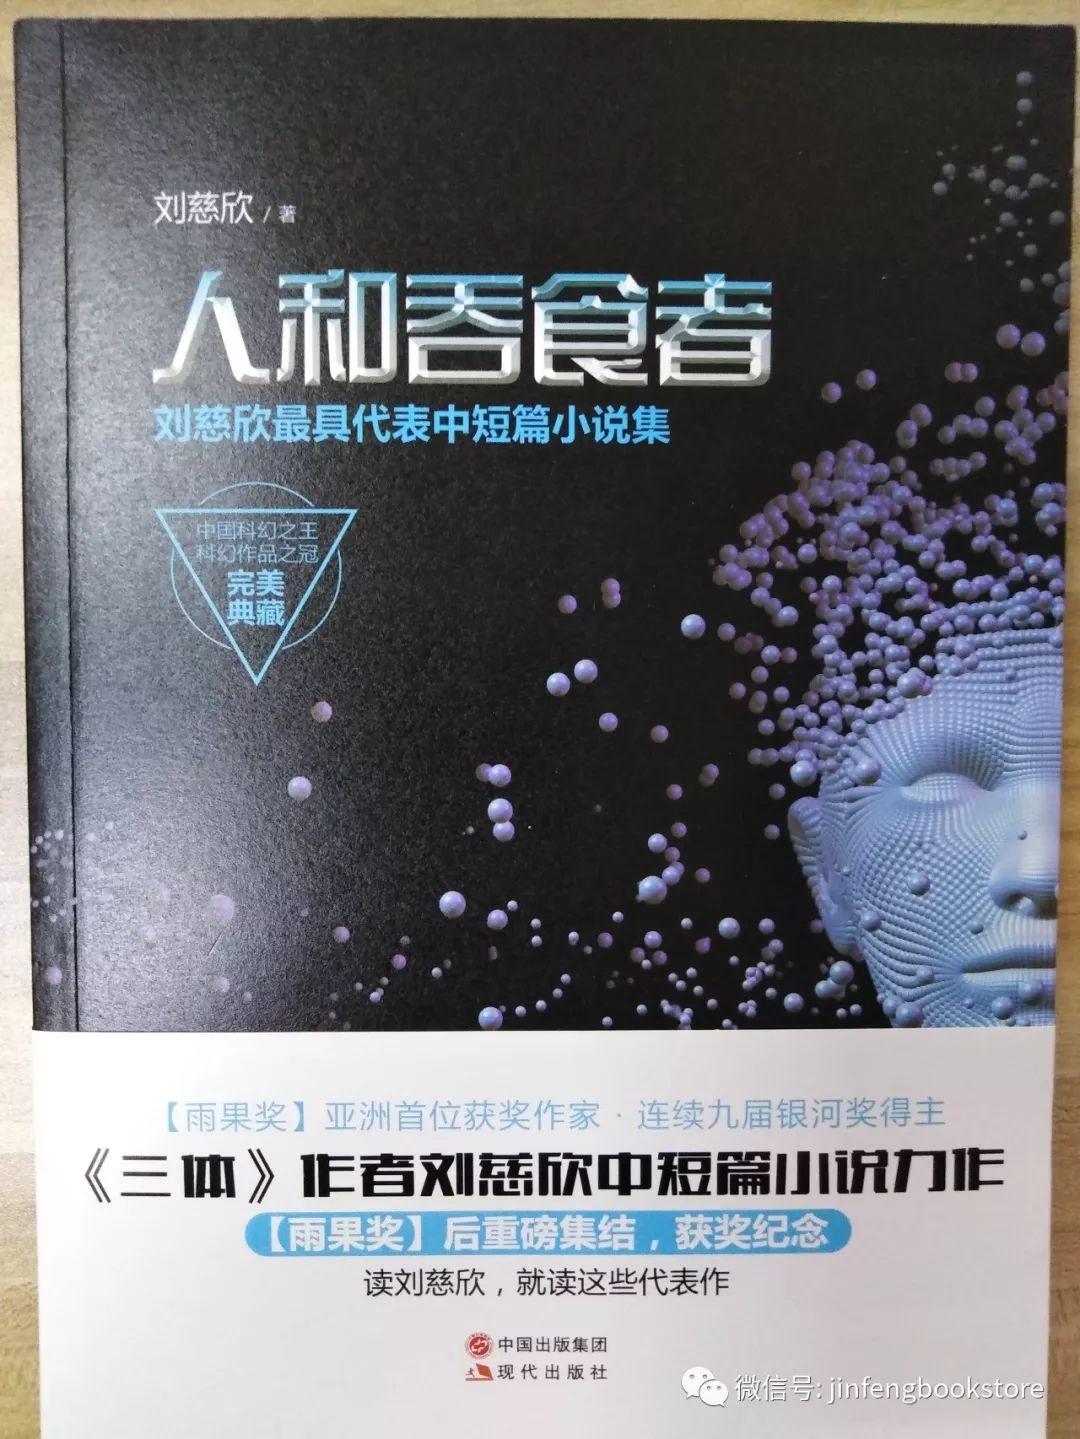 [今风书局]#每周一书#第176号 《刘慈欣最具代表中短篇小说集:人和吞